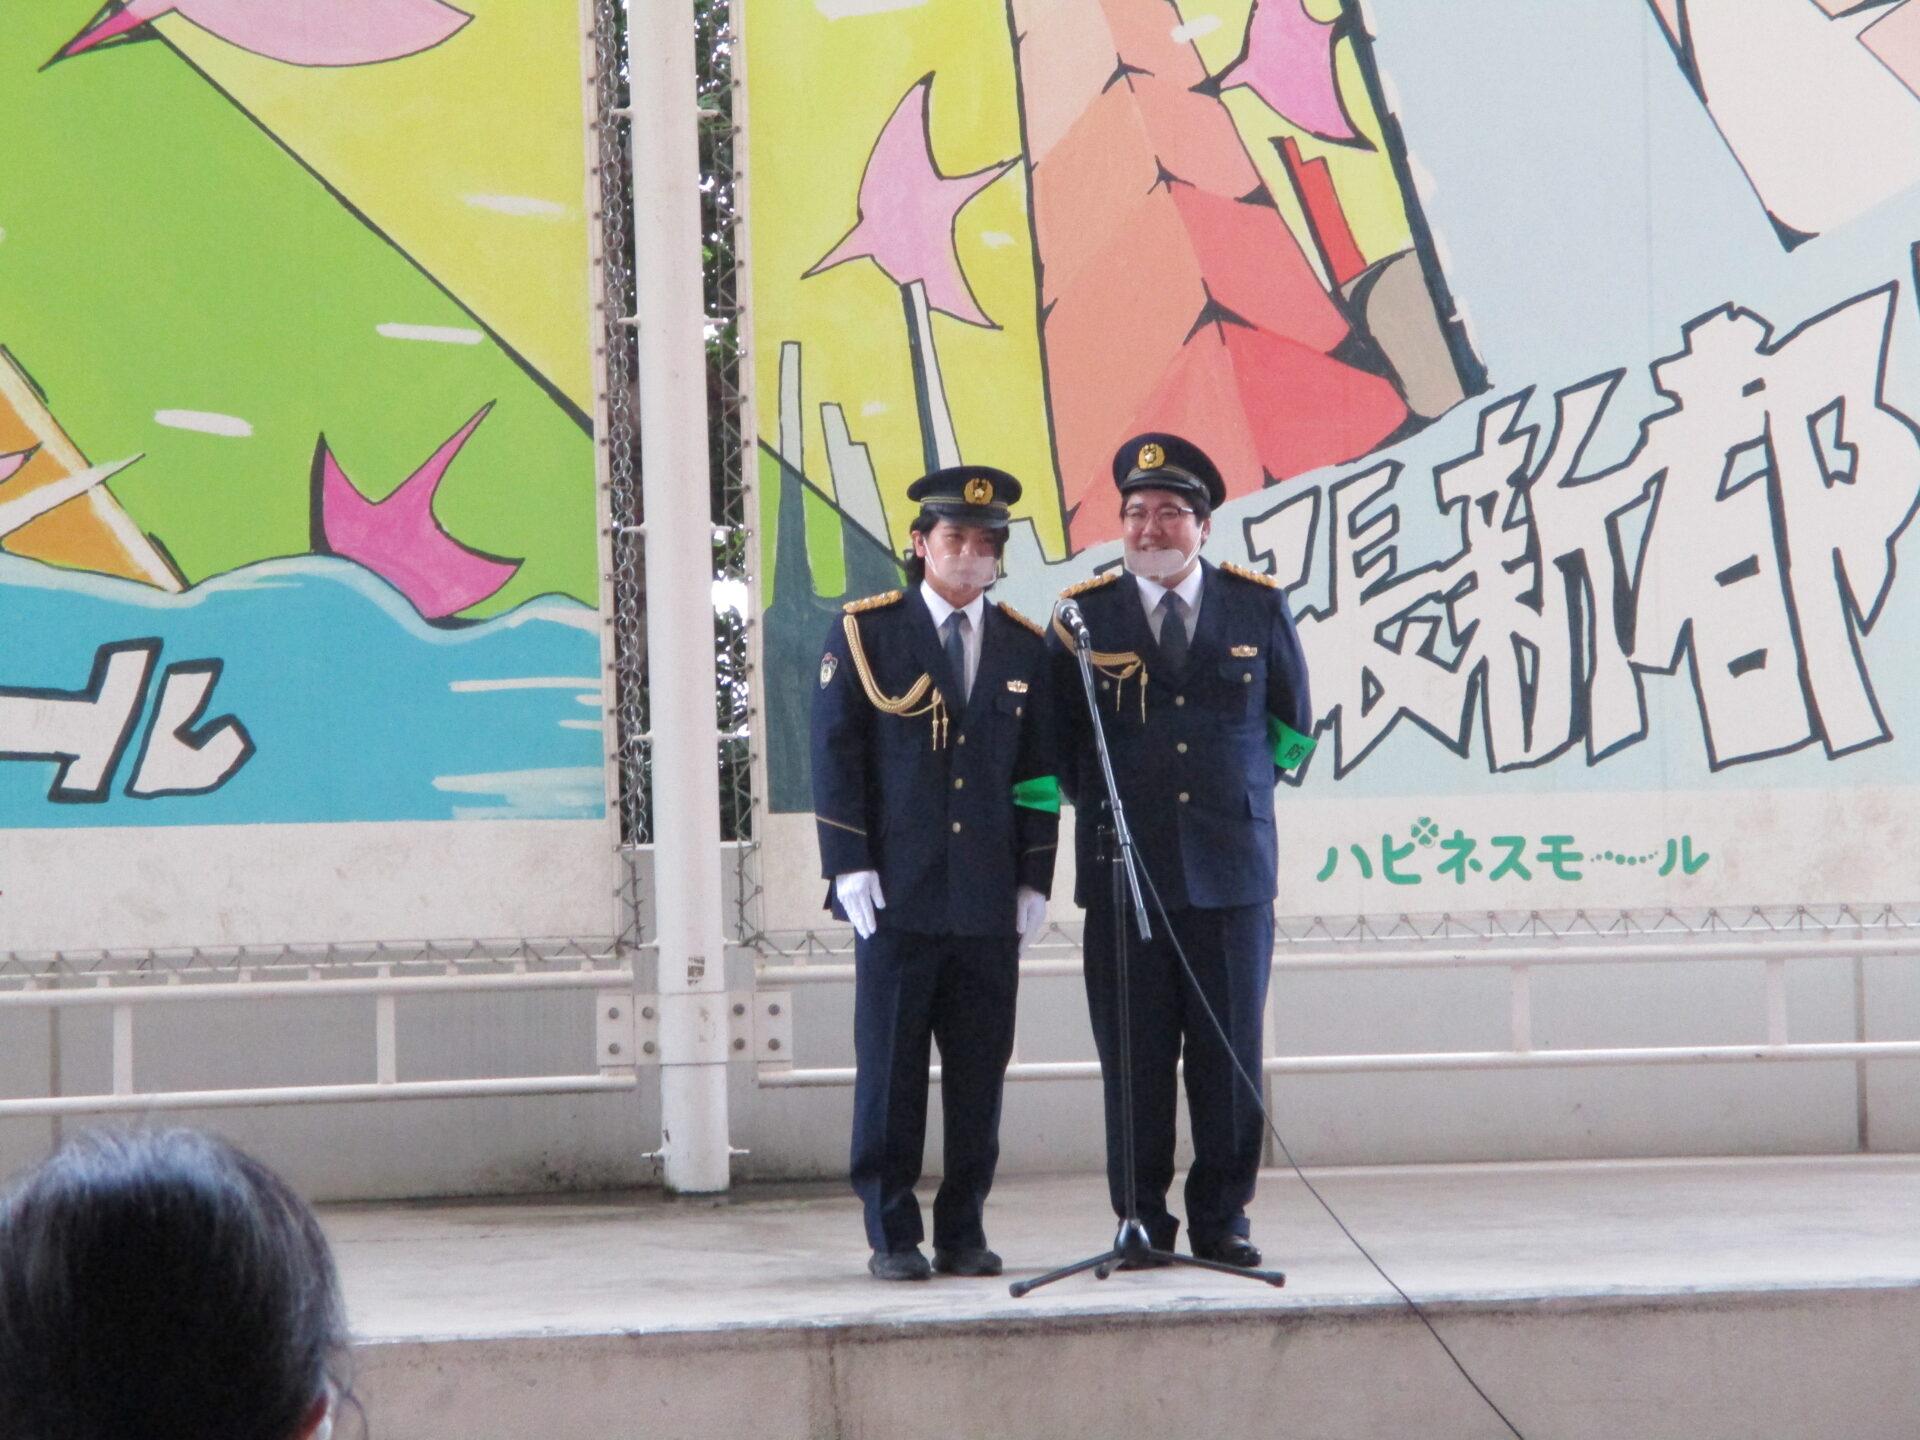 千葉西警察署管内 「年末年始特別警戒の出動式」へ参加しました!